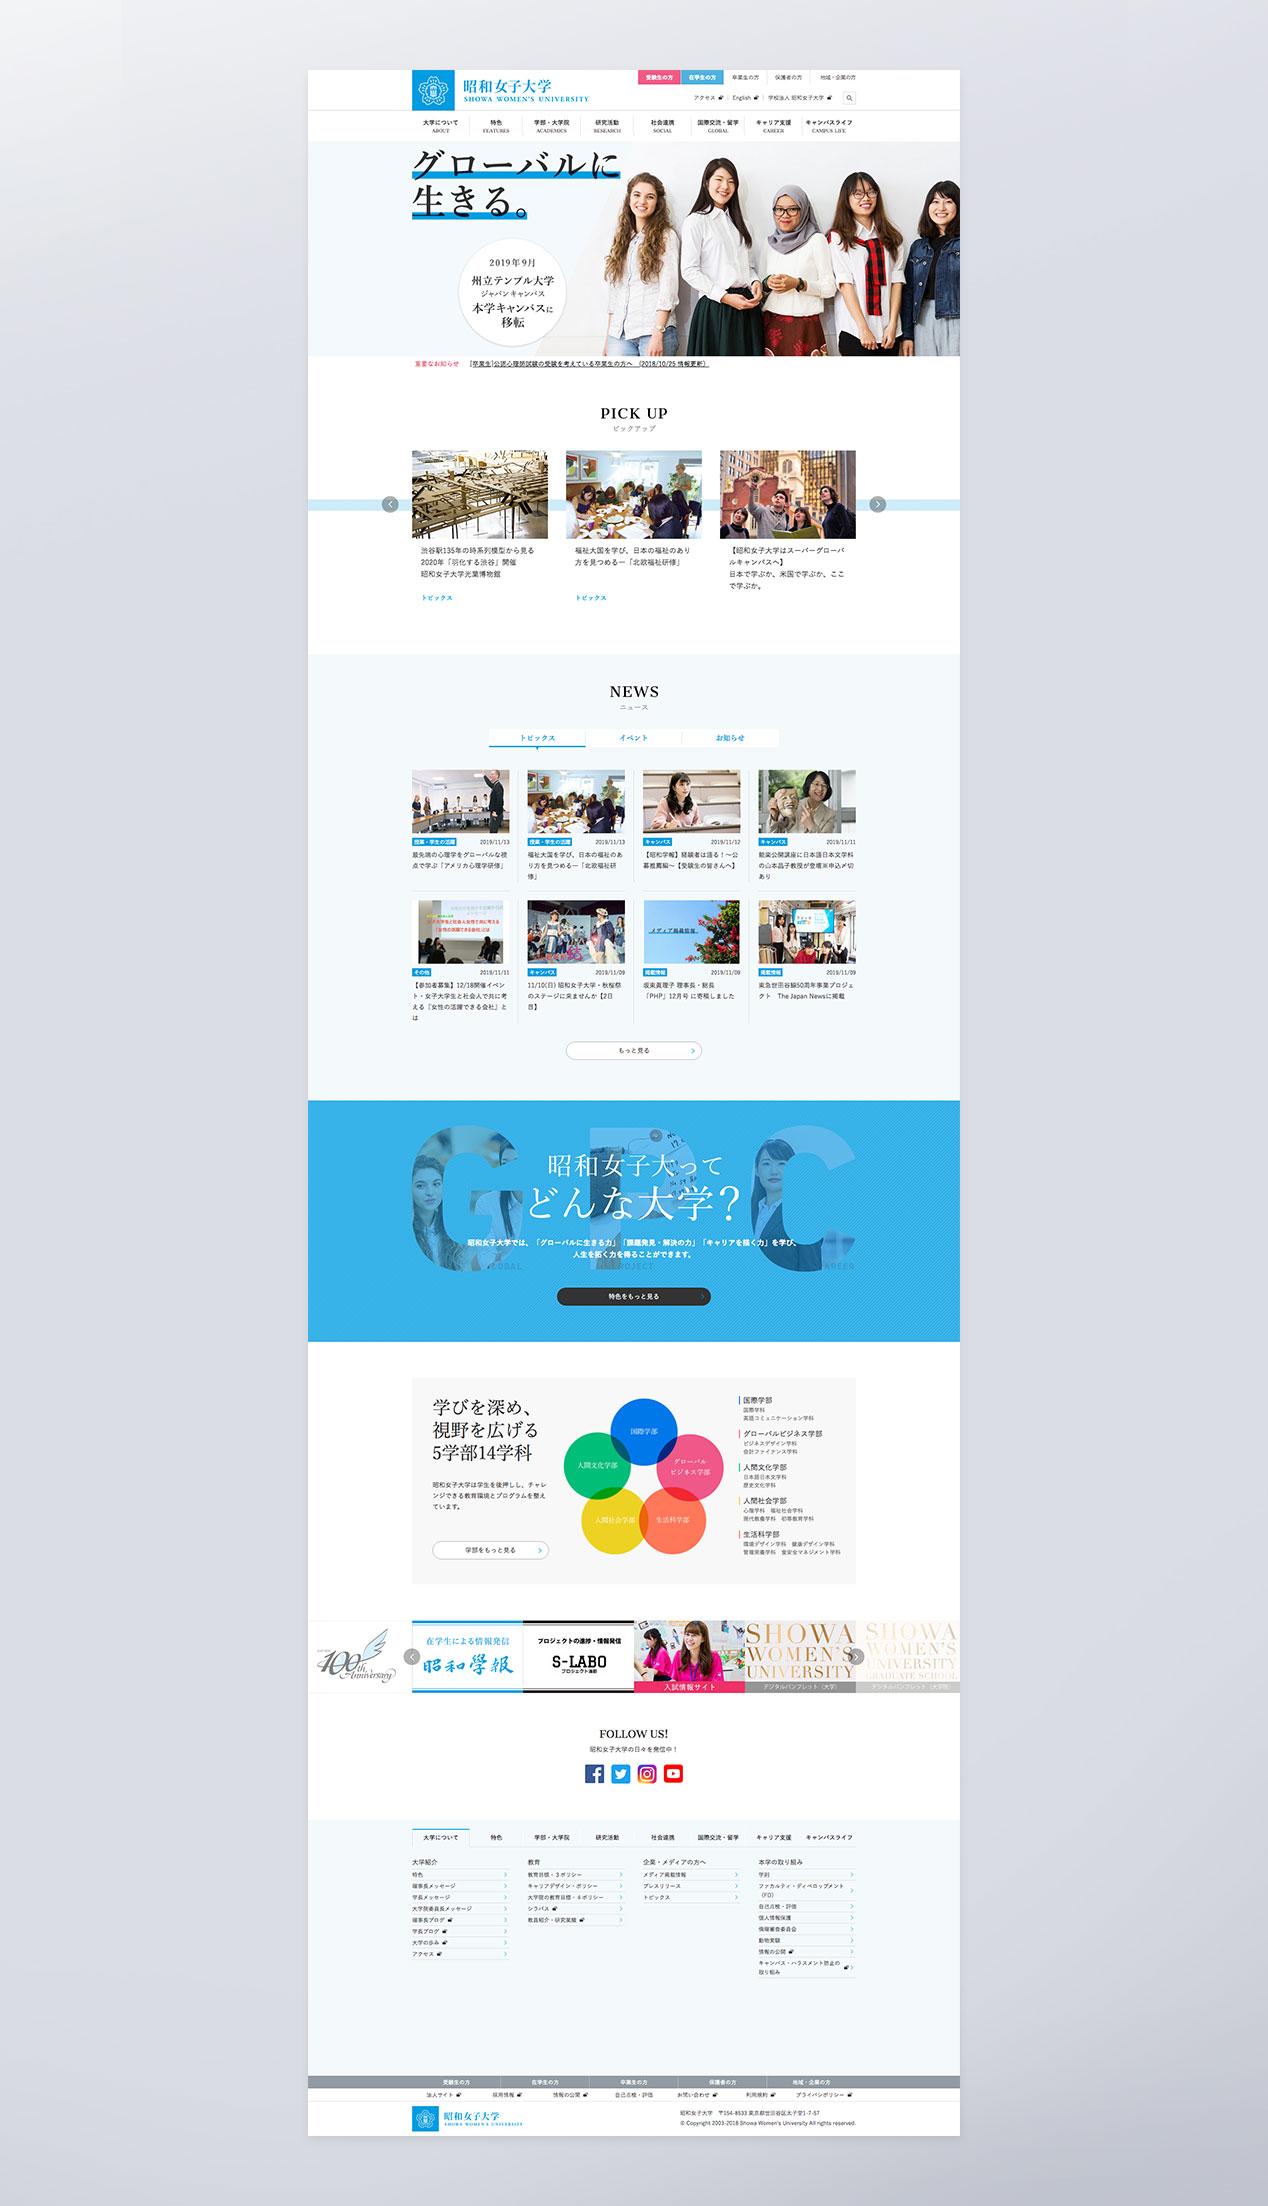 昭和女子大学 Webサイトリニューアルの実績画像